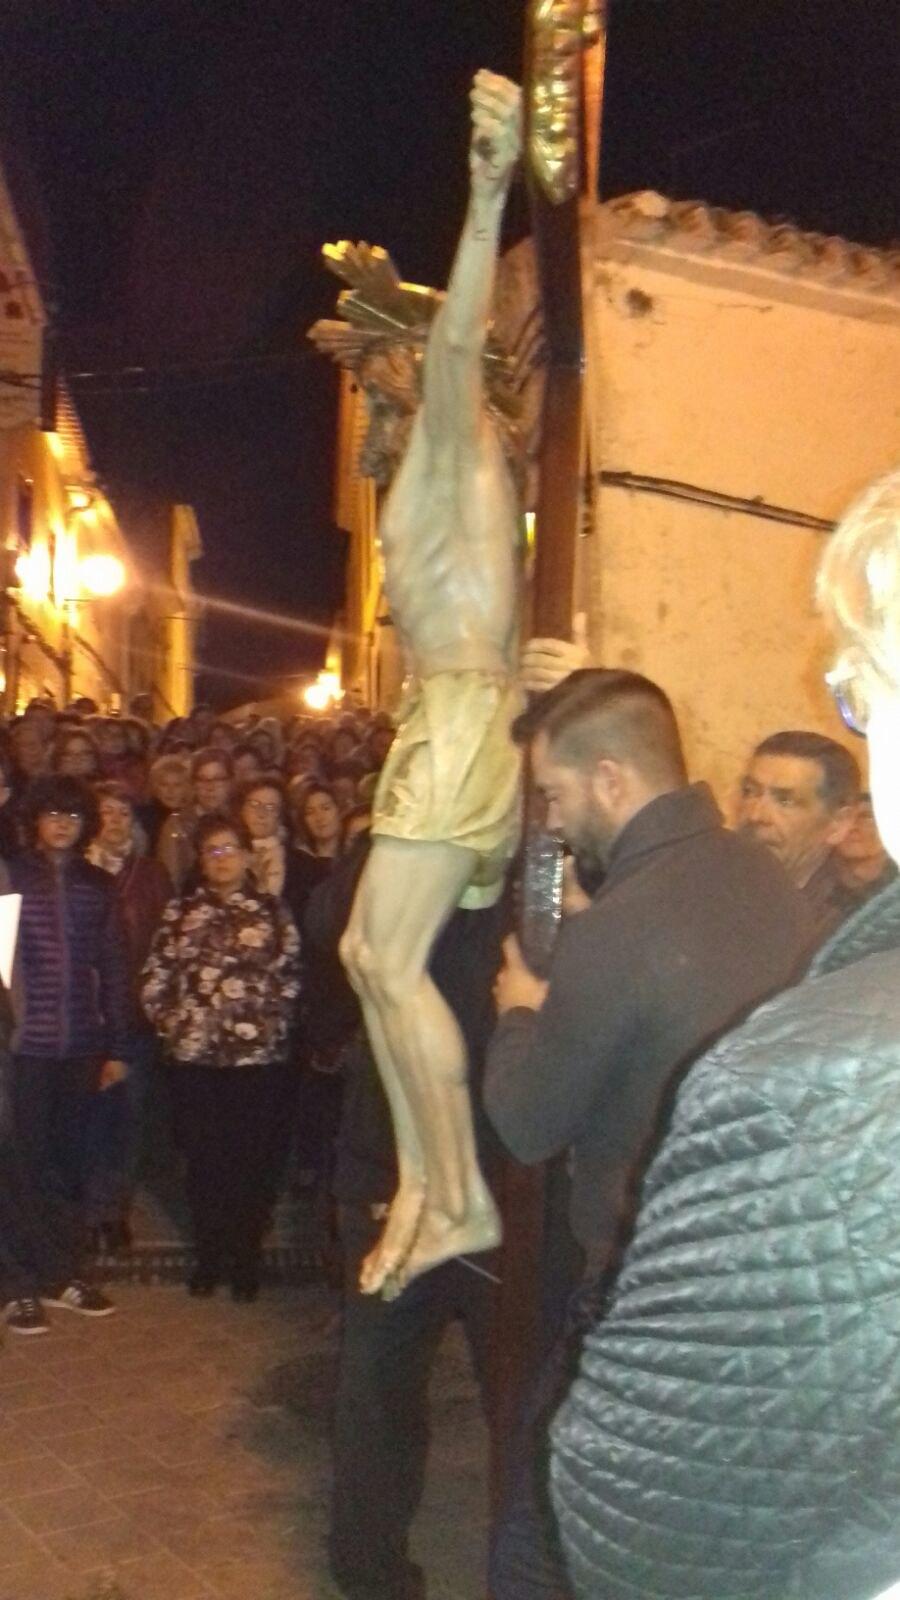 (2017-04-07) VIII Vía crucis nocturno -  Sergio Pérez (01)